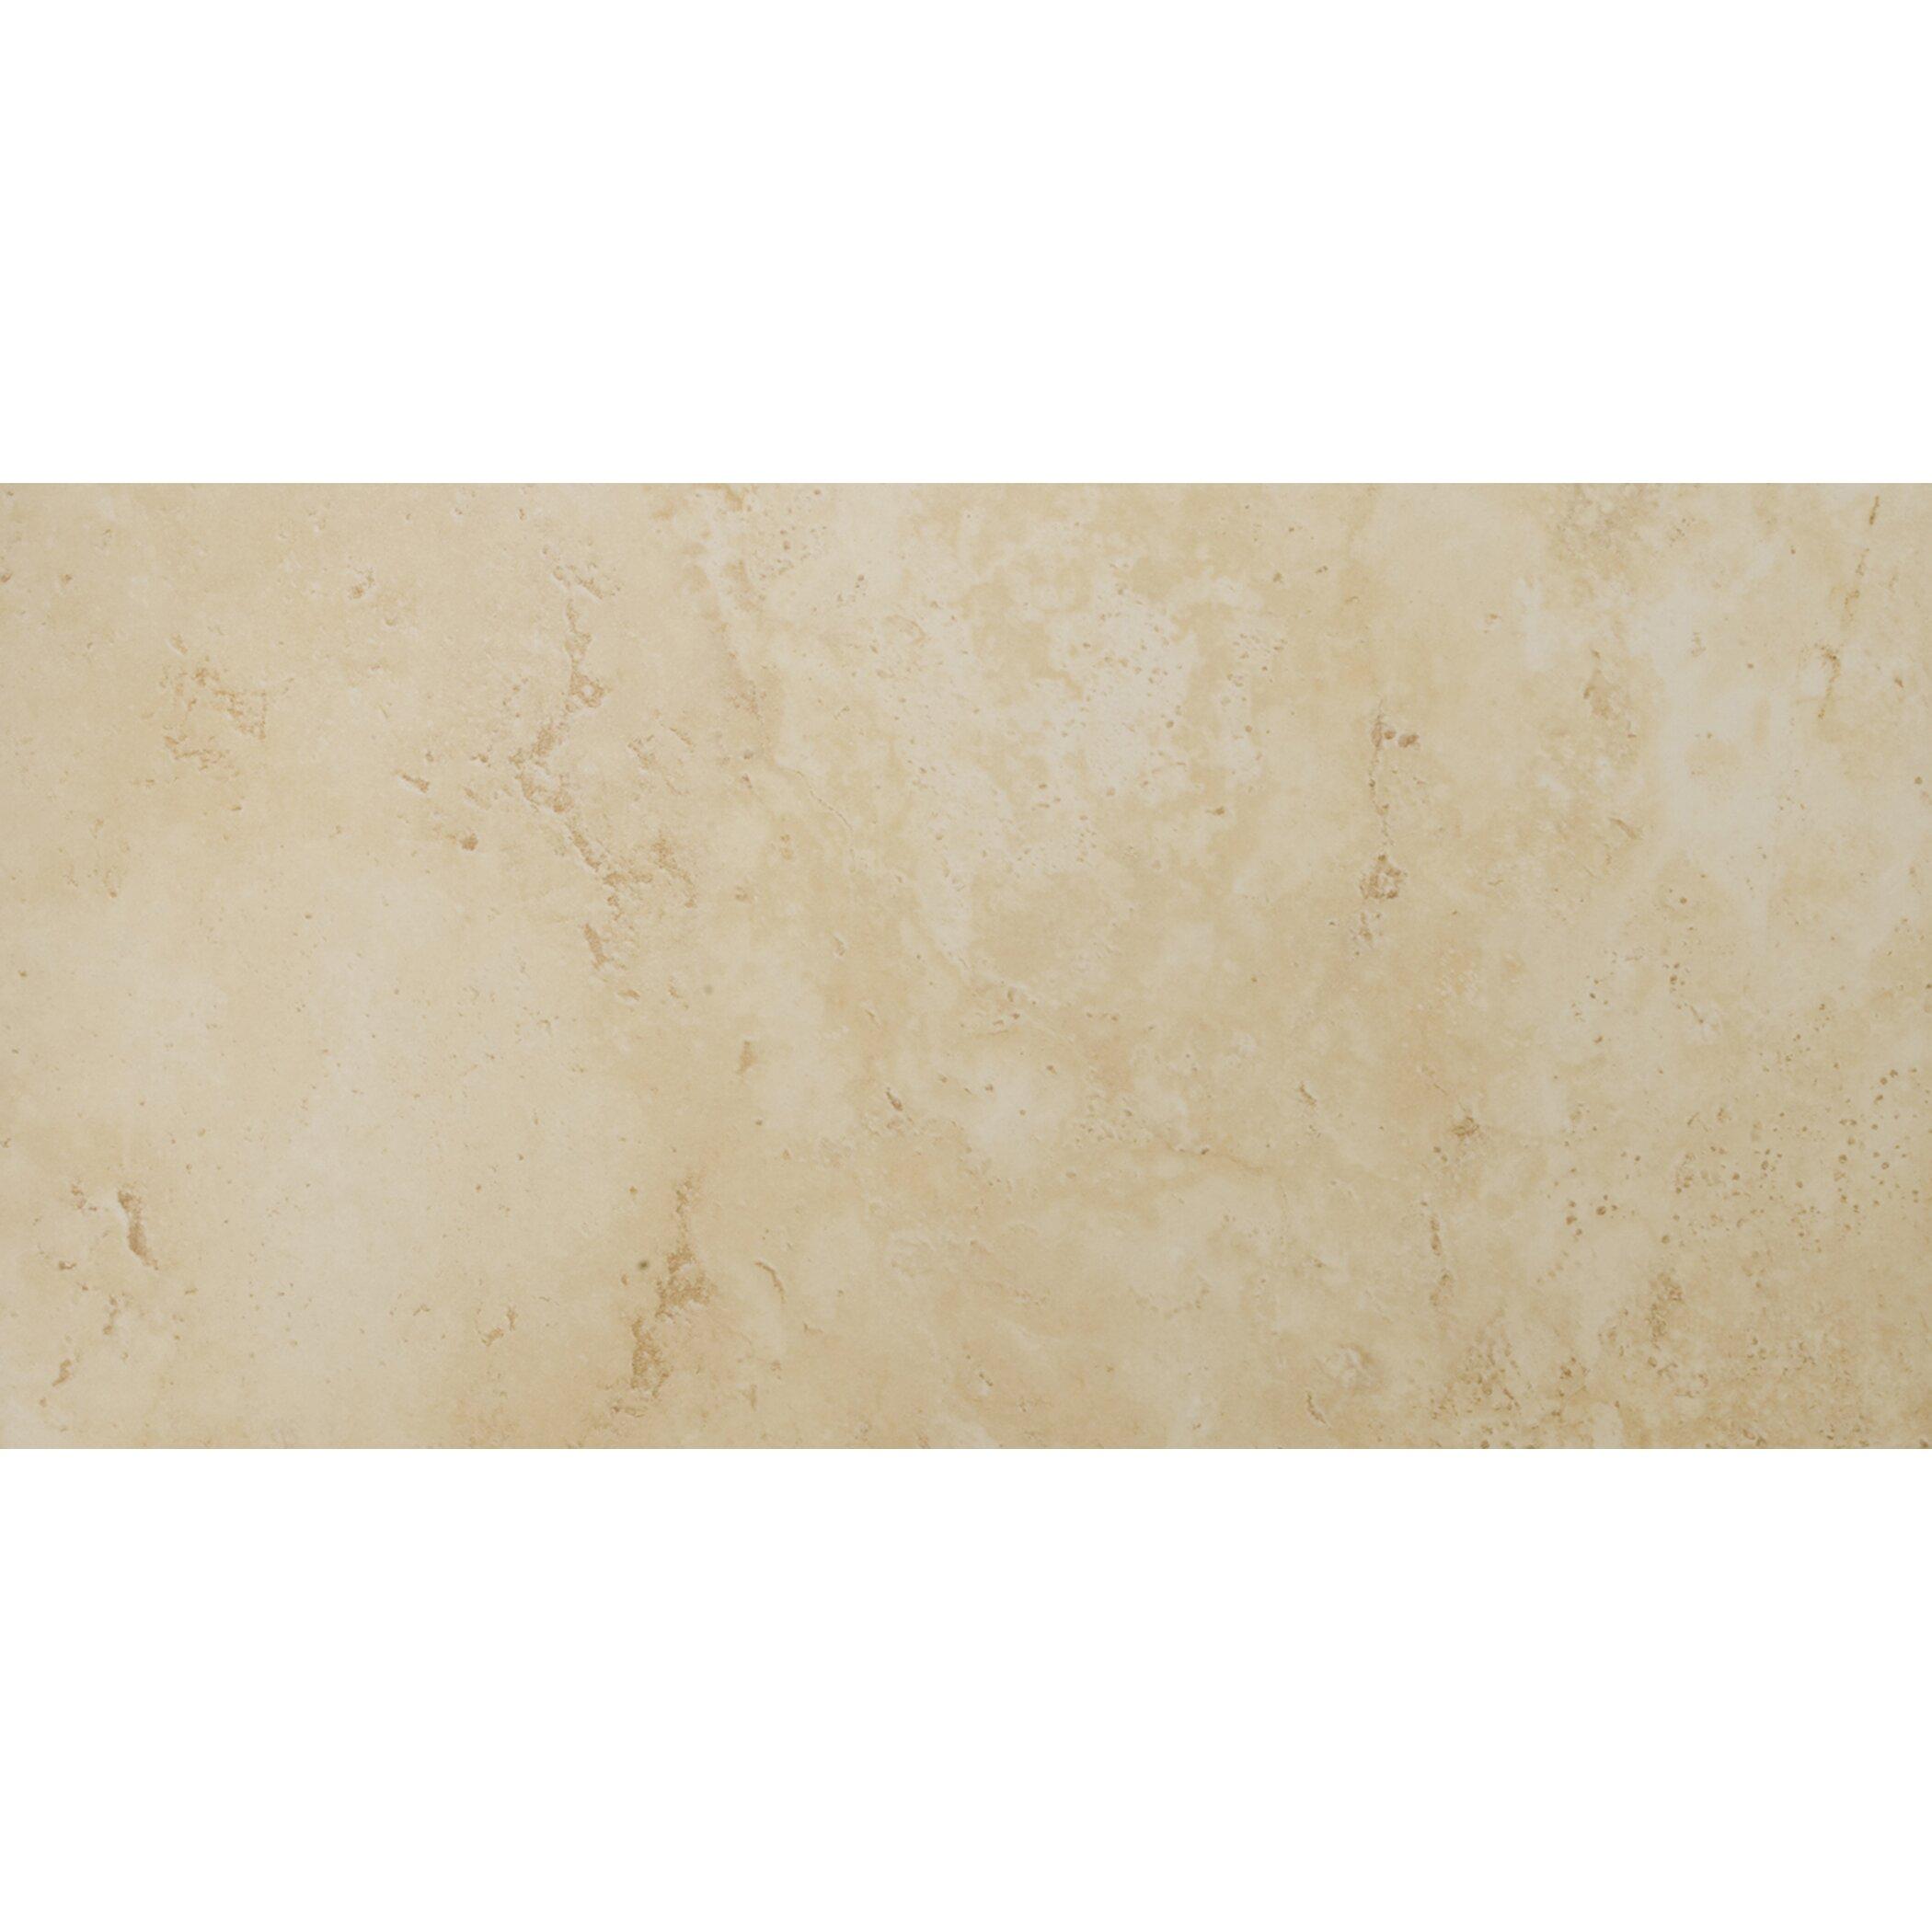 Emser tile lucerne 12 x 24 porcelain field tile in for 12 x 24 ceramic floor tile